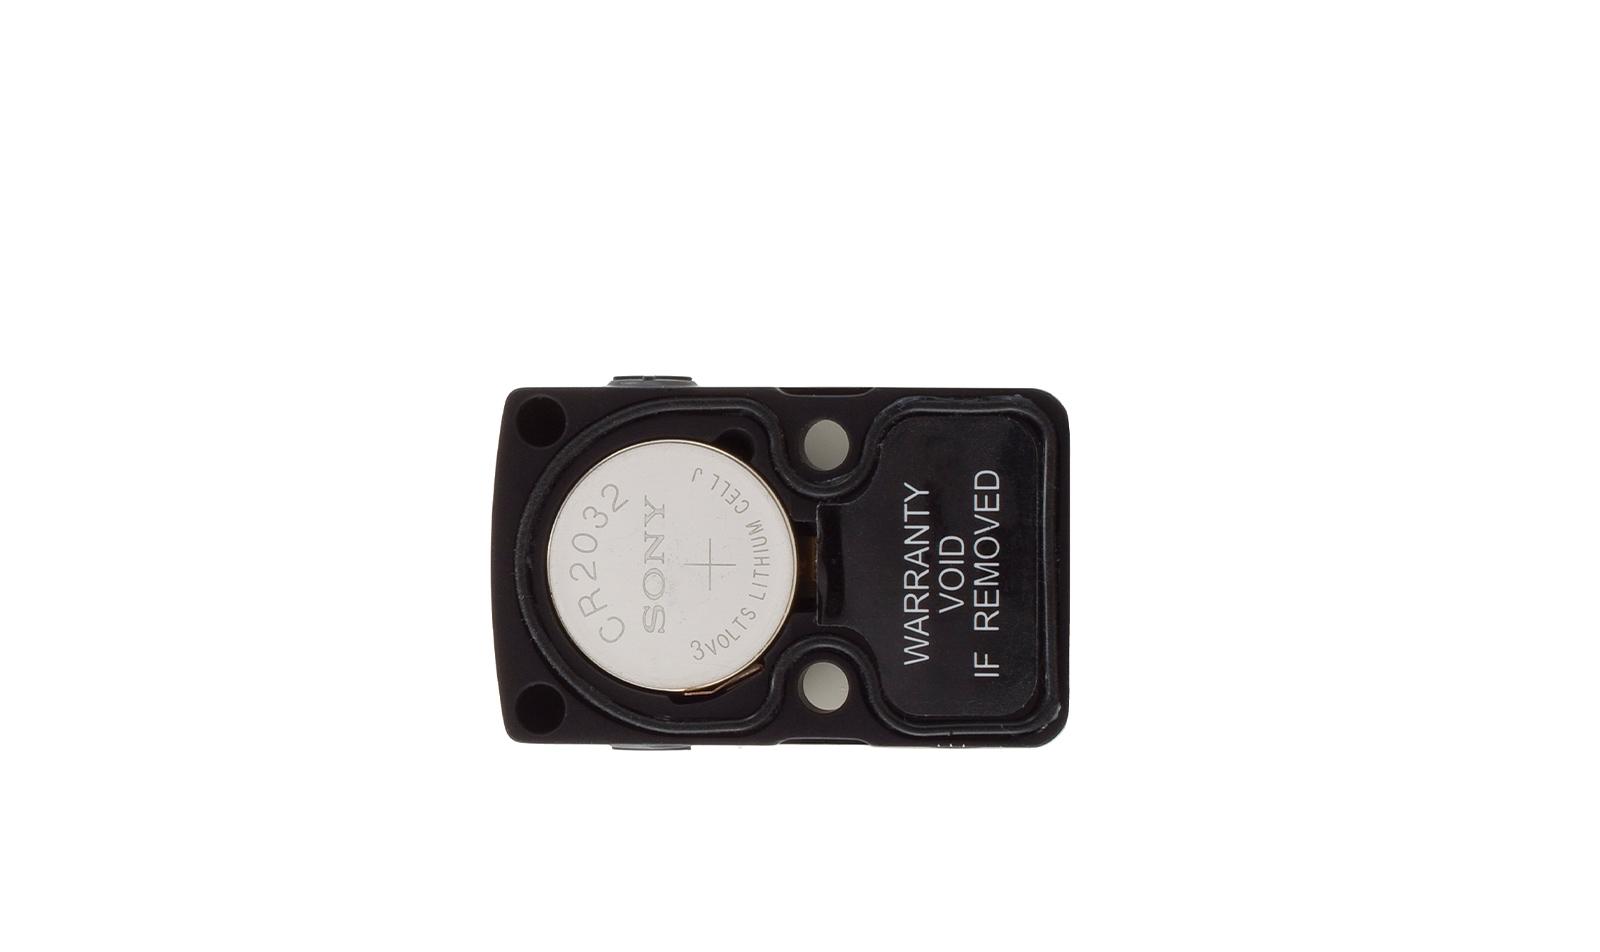 RM07-C-700679 angle 10